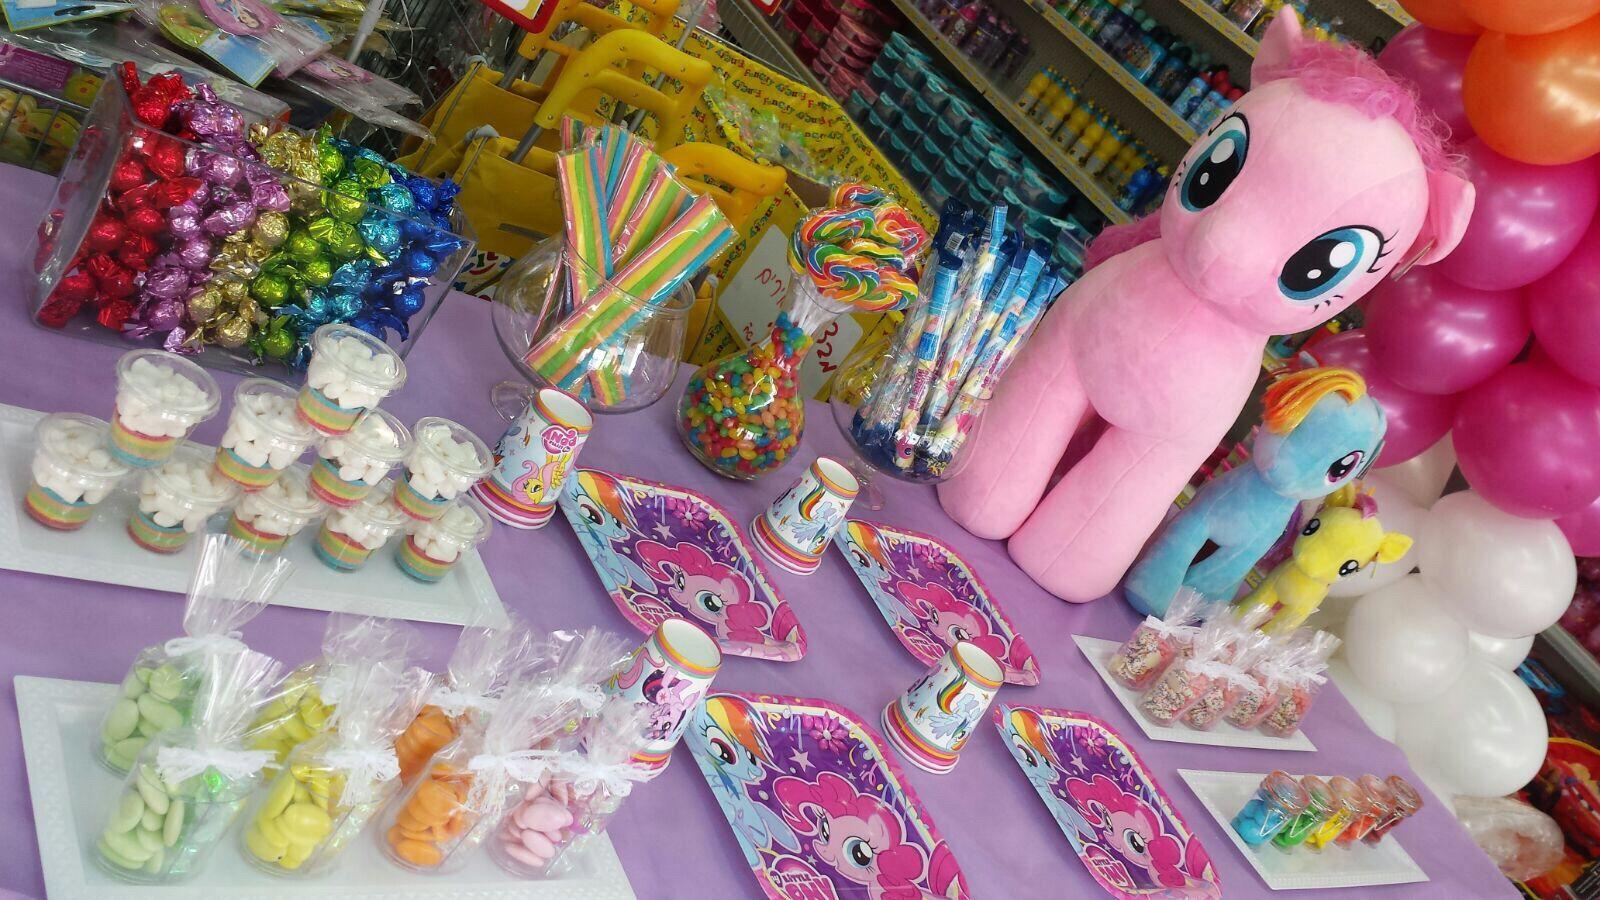 My Little Pony ♥ ♥ ♥ עיצוב שולחן מרהיב ביופיו ♥ ♥ כל המוצרים ניתן להשיג  בסניפי פאן סיטי רשל